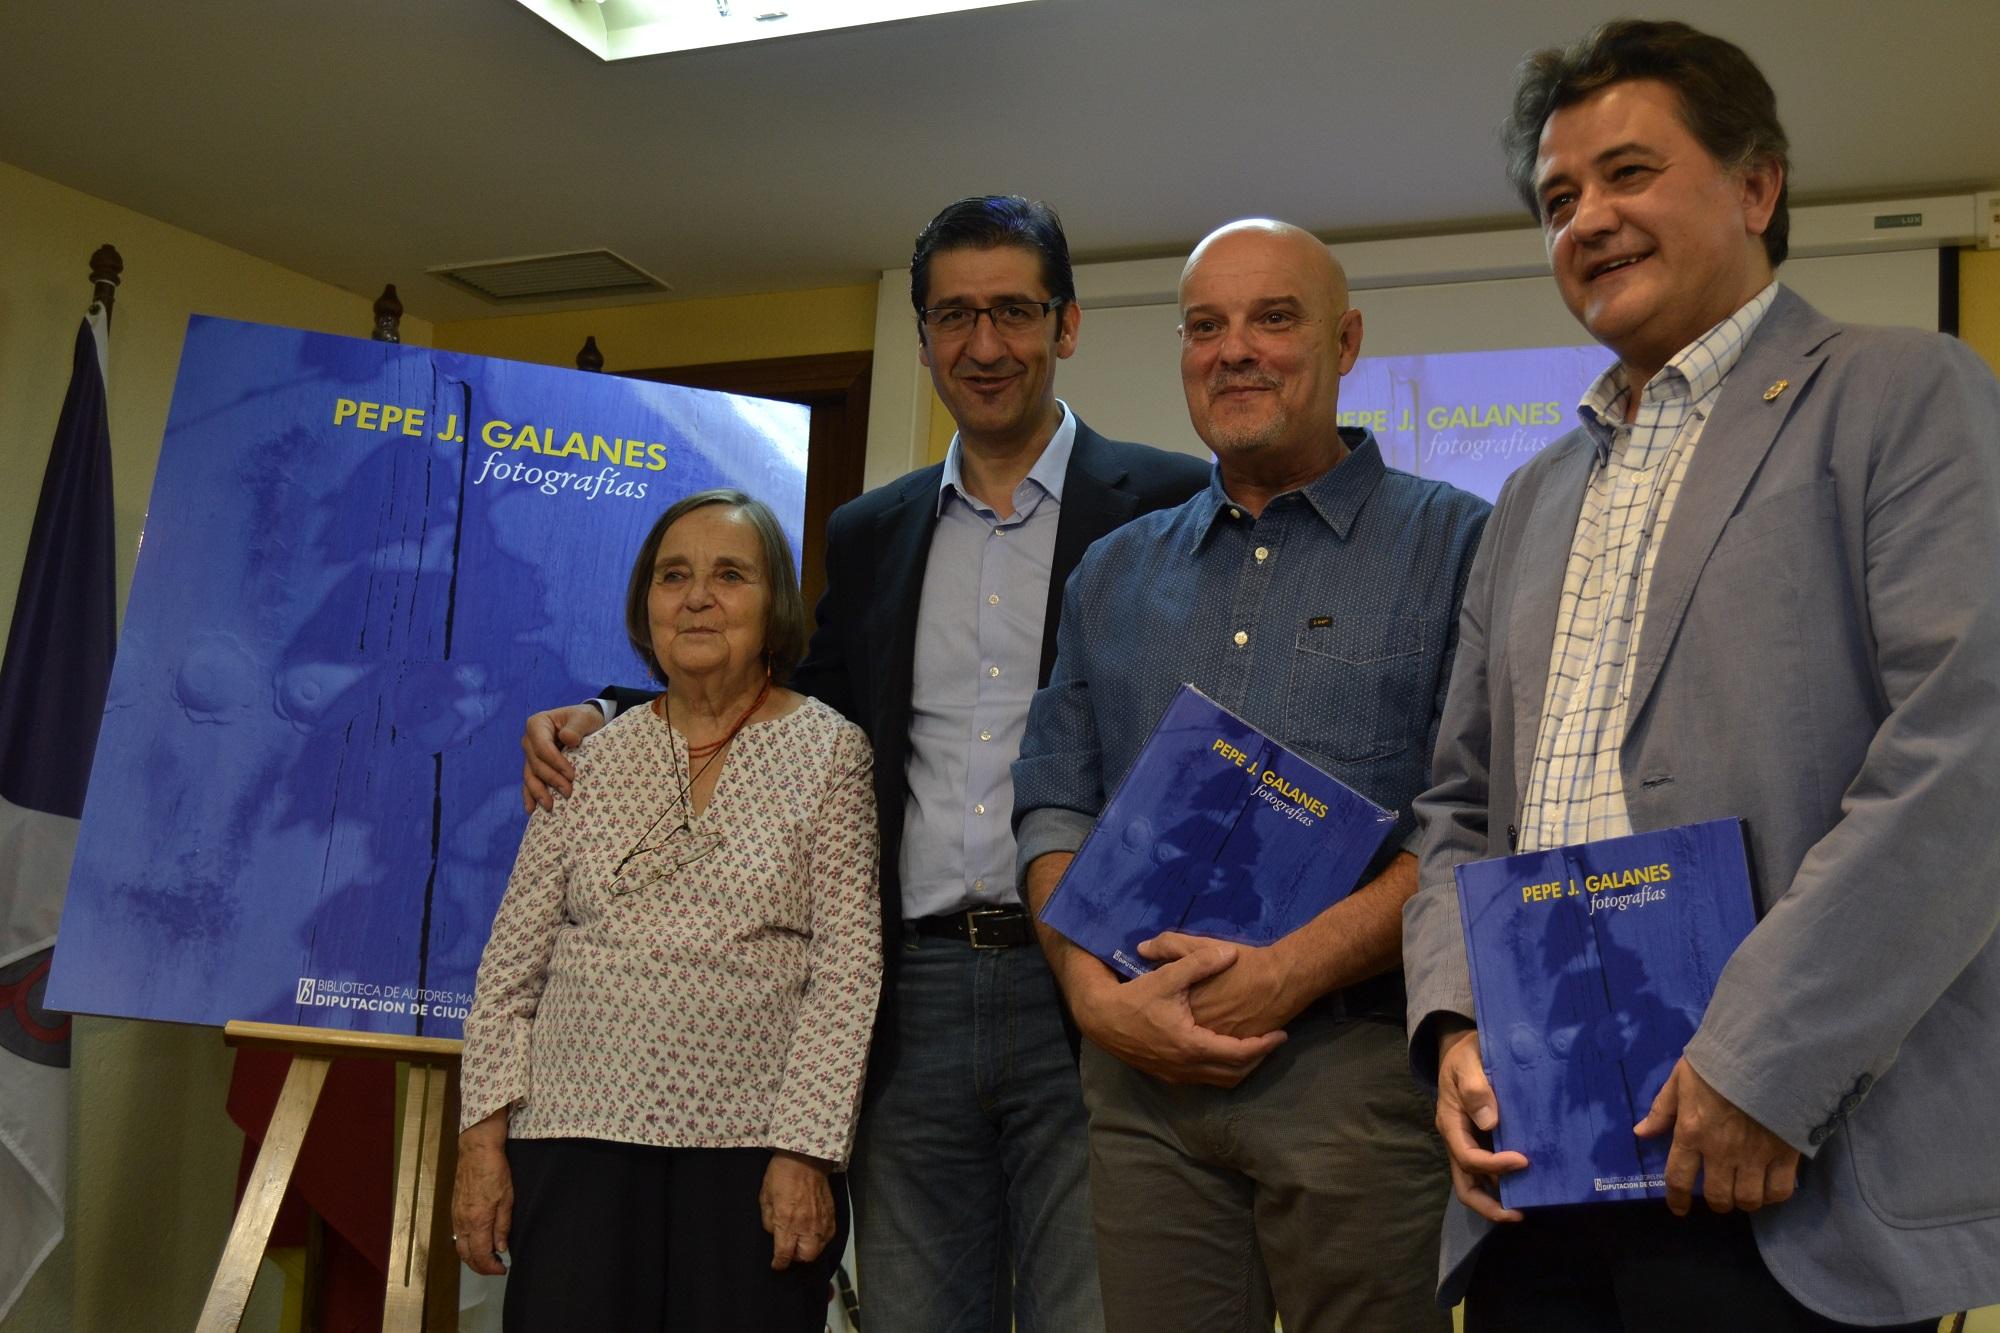 """""""Fotografías"""", el nuevo libro del daimieleño Pepe J. Galanes"""